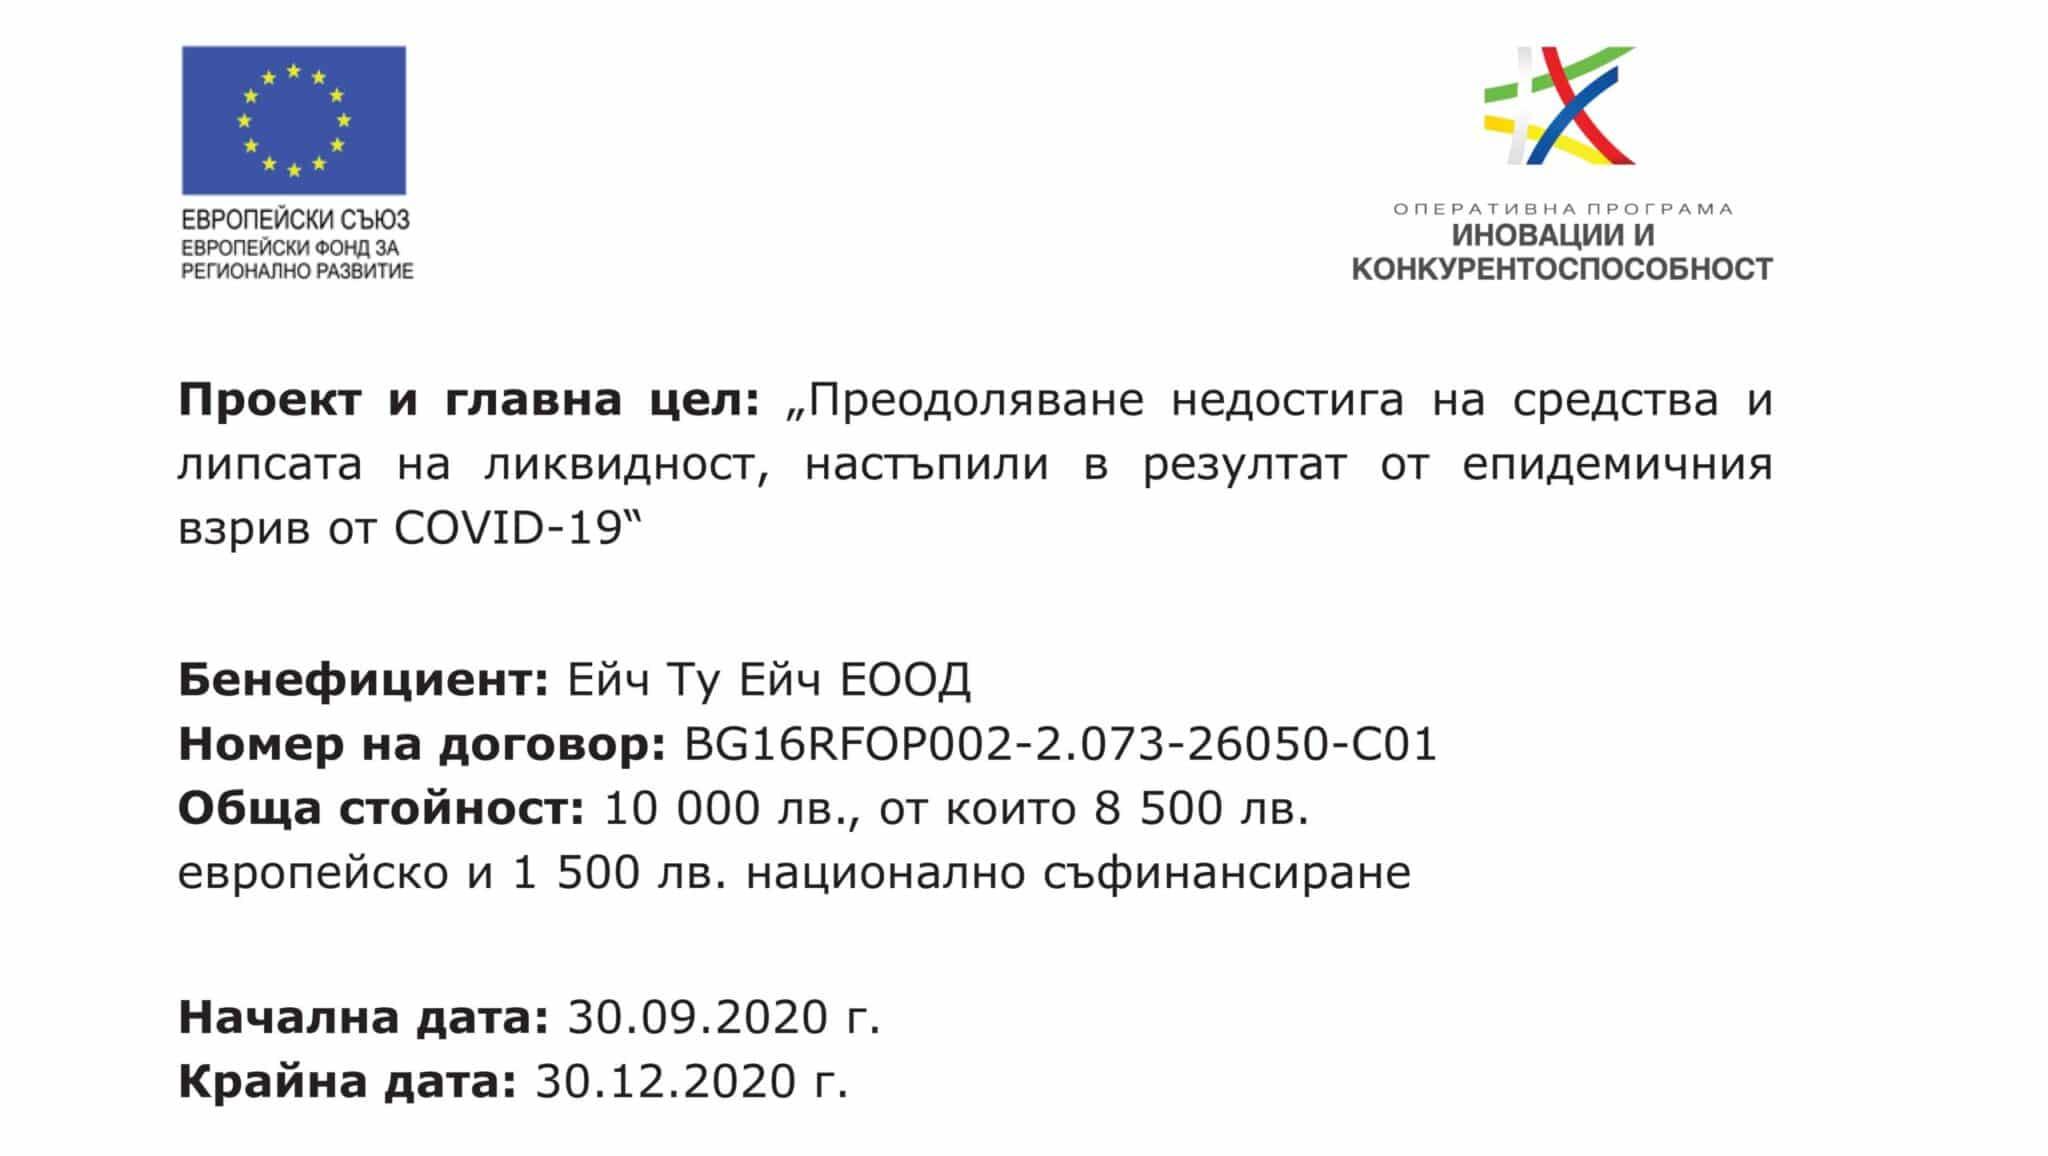 BG16RFOP002-2.073-26050-C01